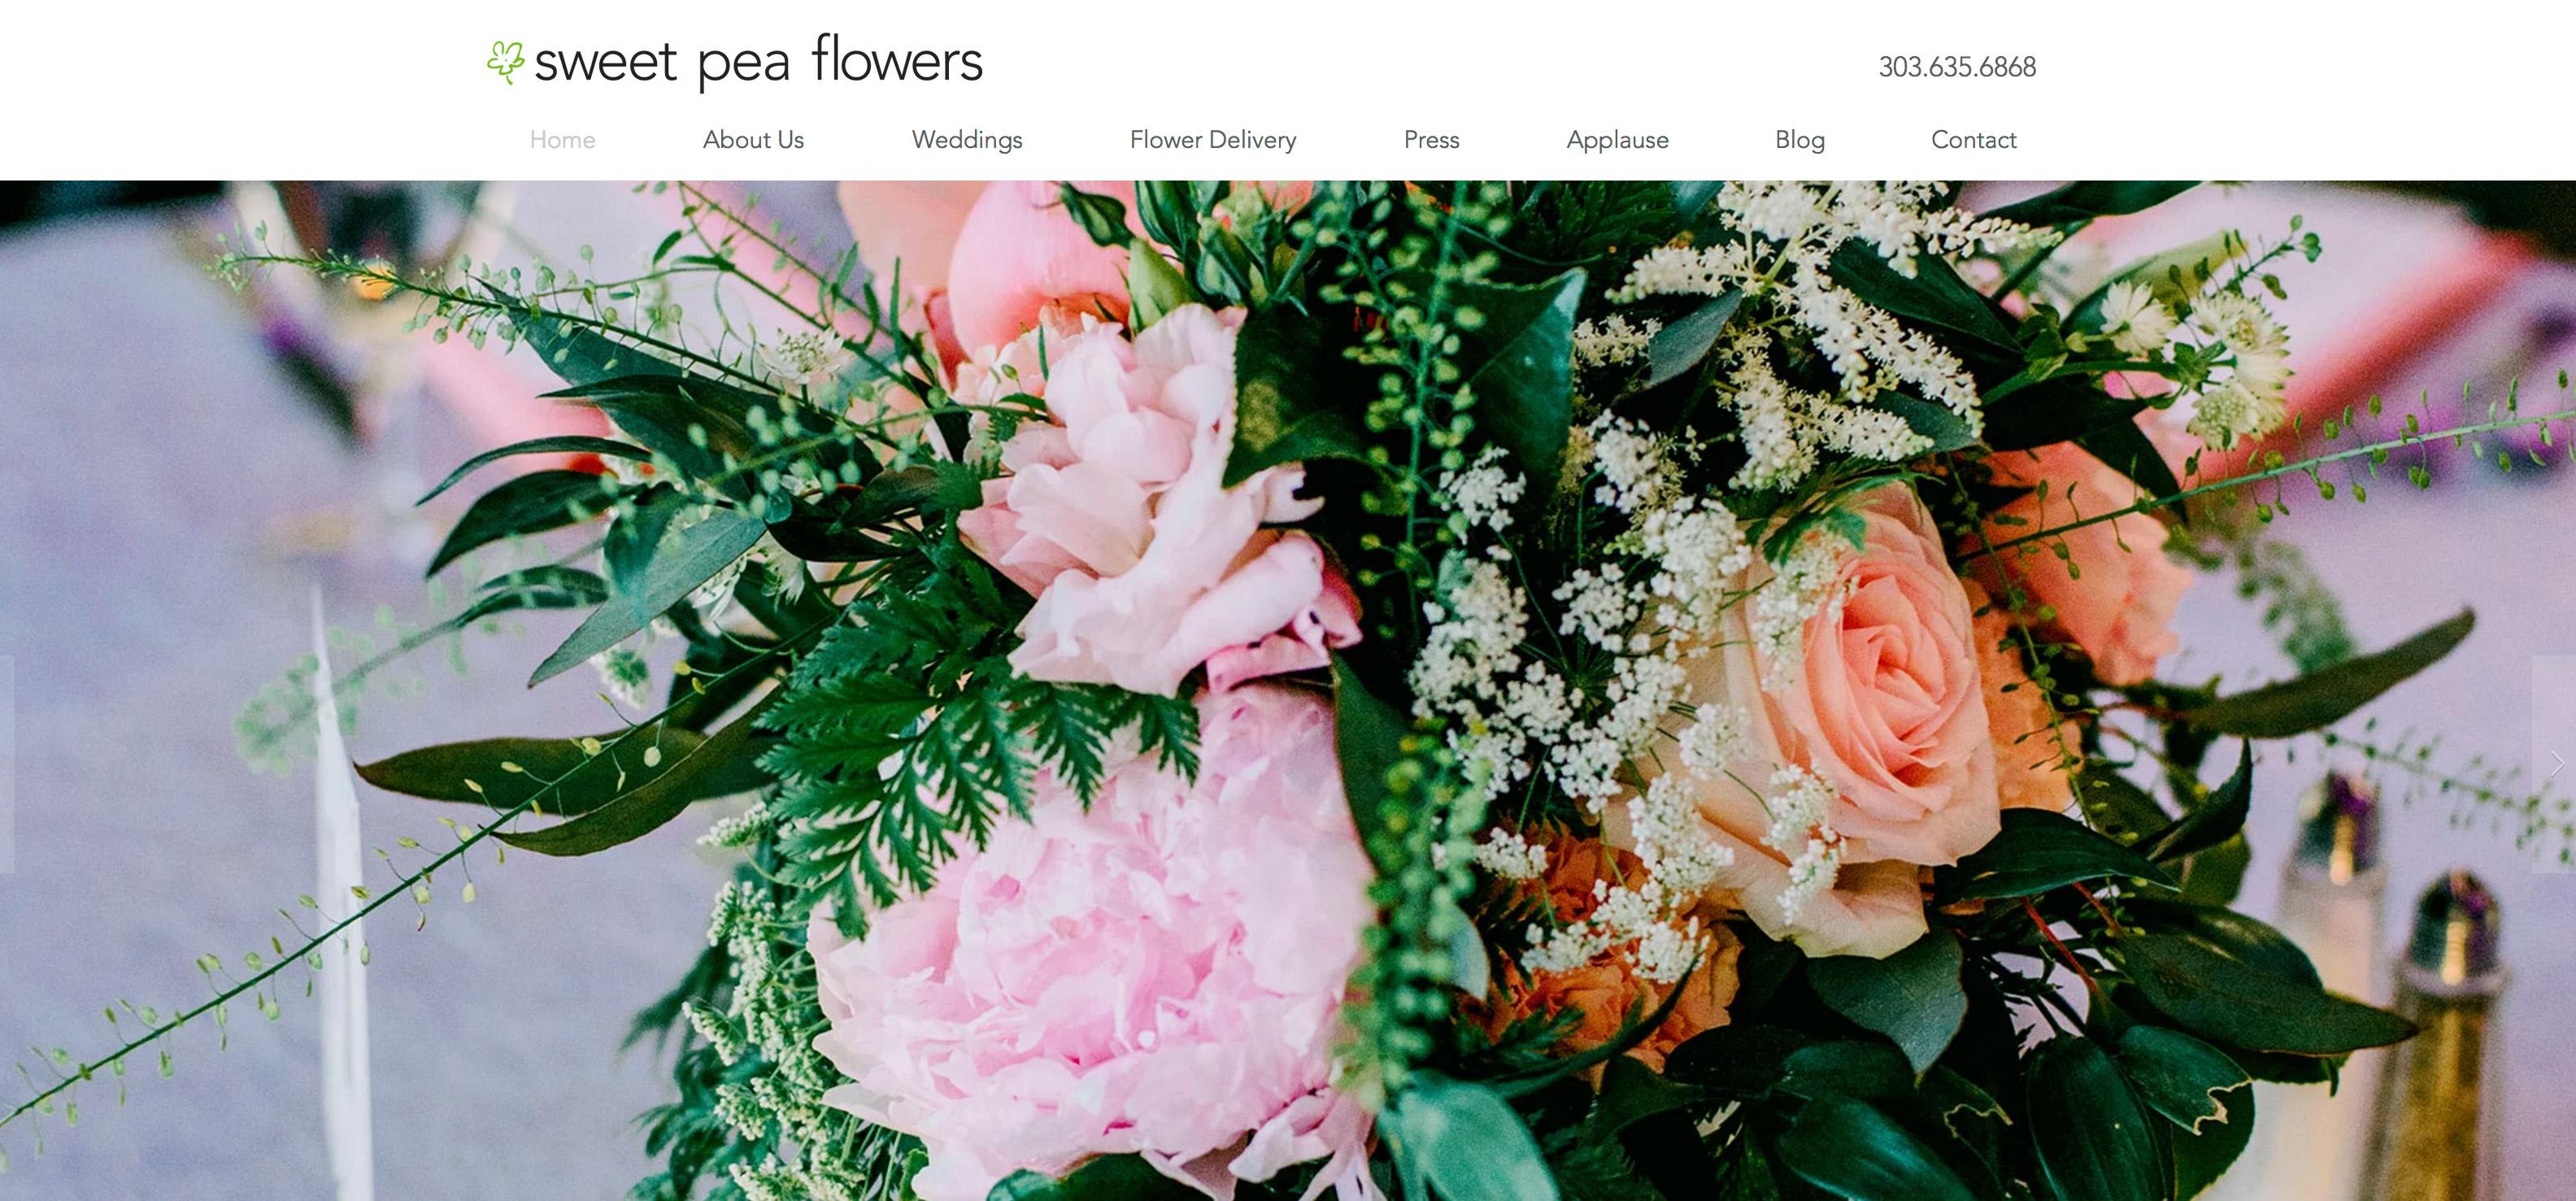 denver wedding florist denver flower delivery. Black Bedroom Furniture Sets. Home Design Ideas